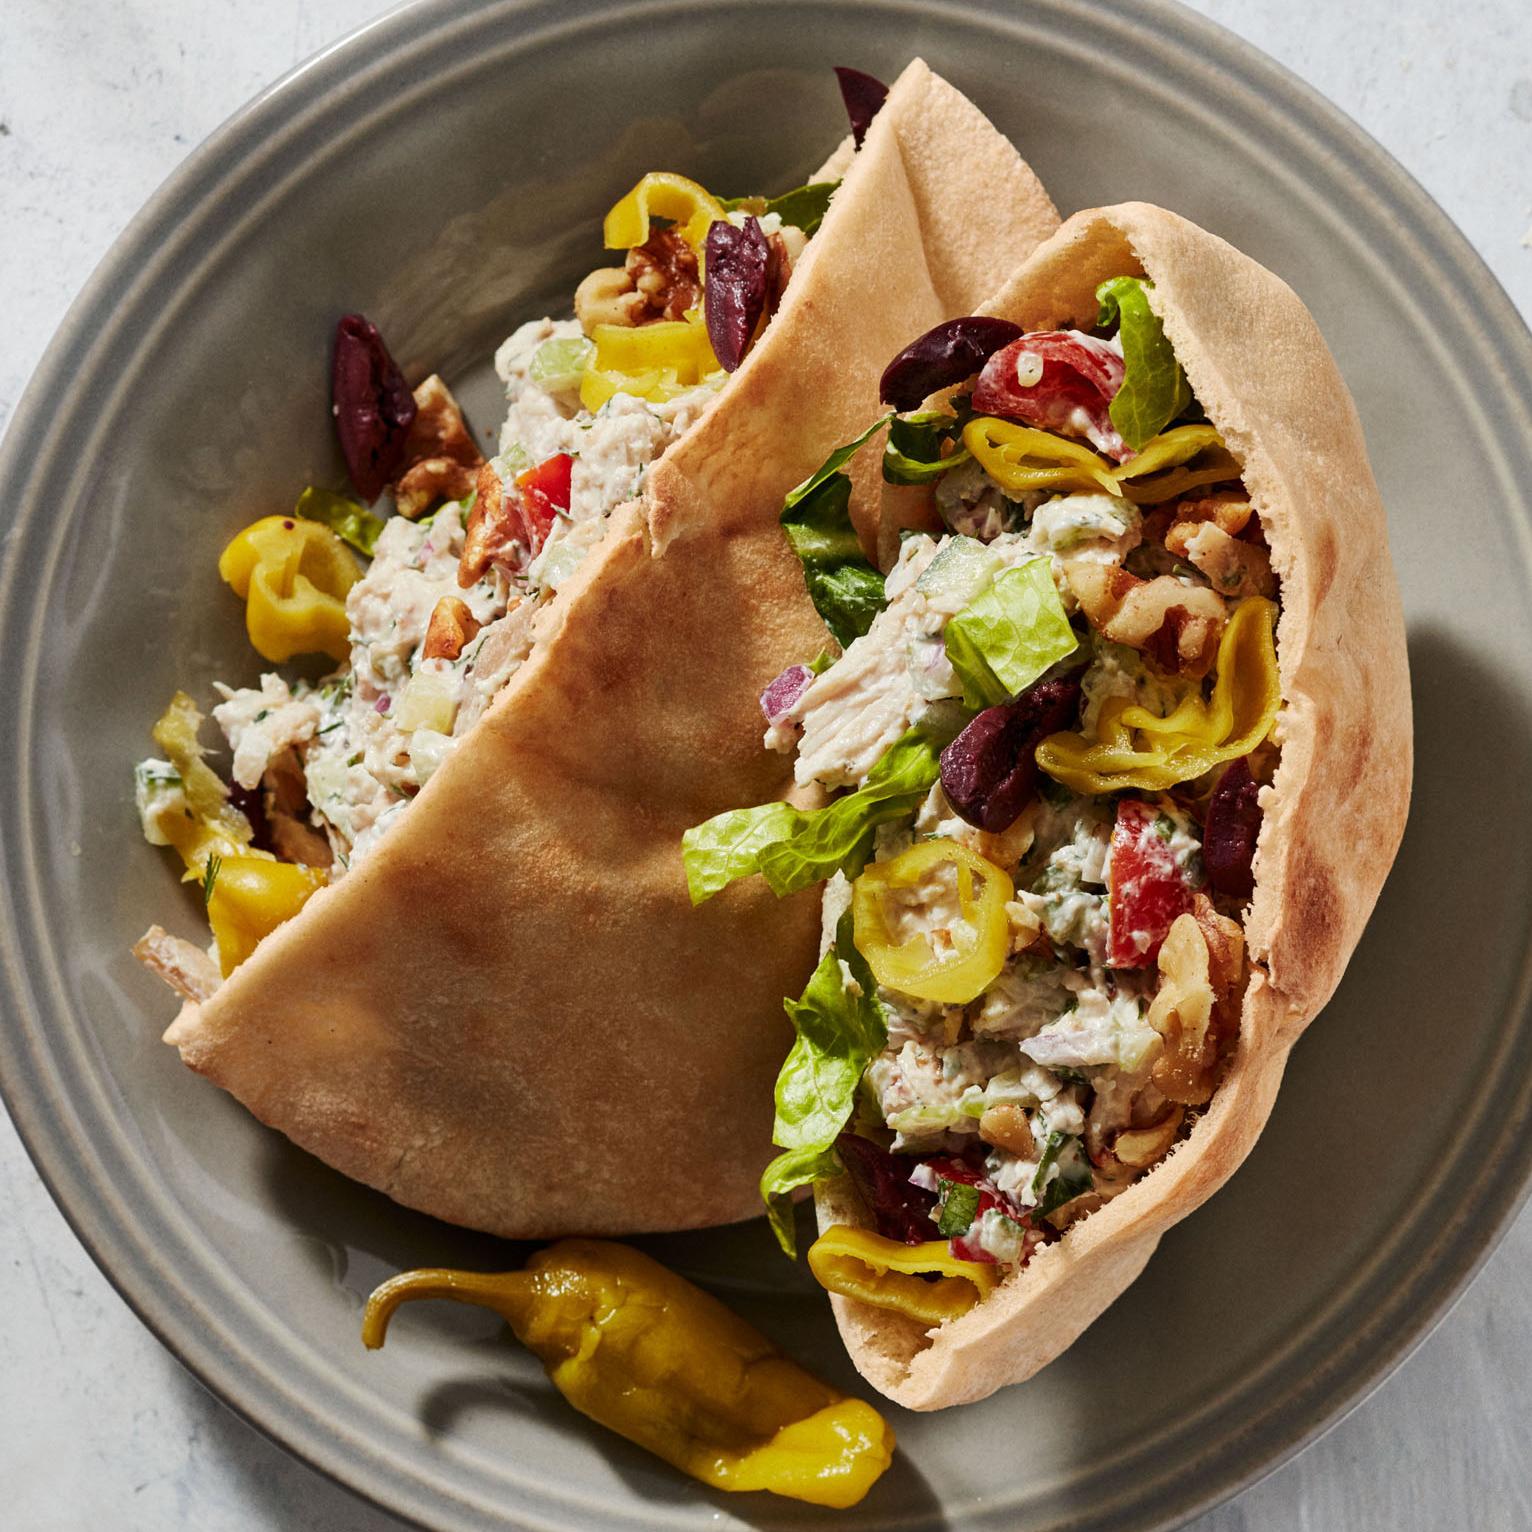 greek chicken salad with yogurt ranch dressing and feta